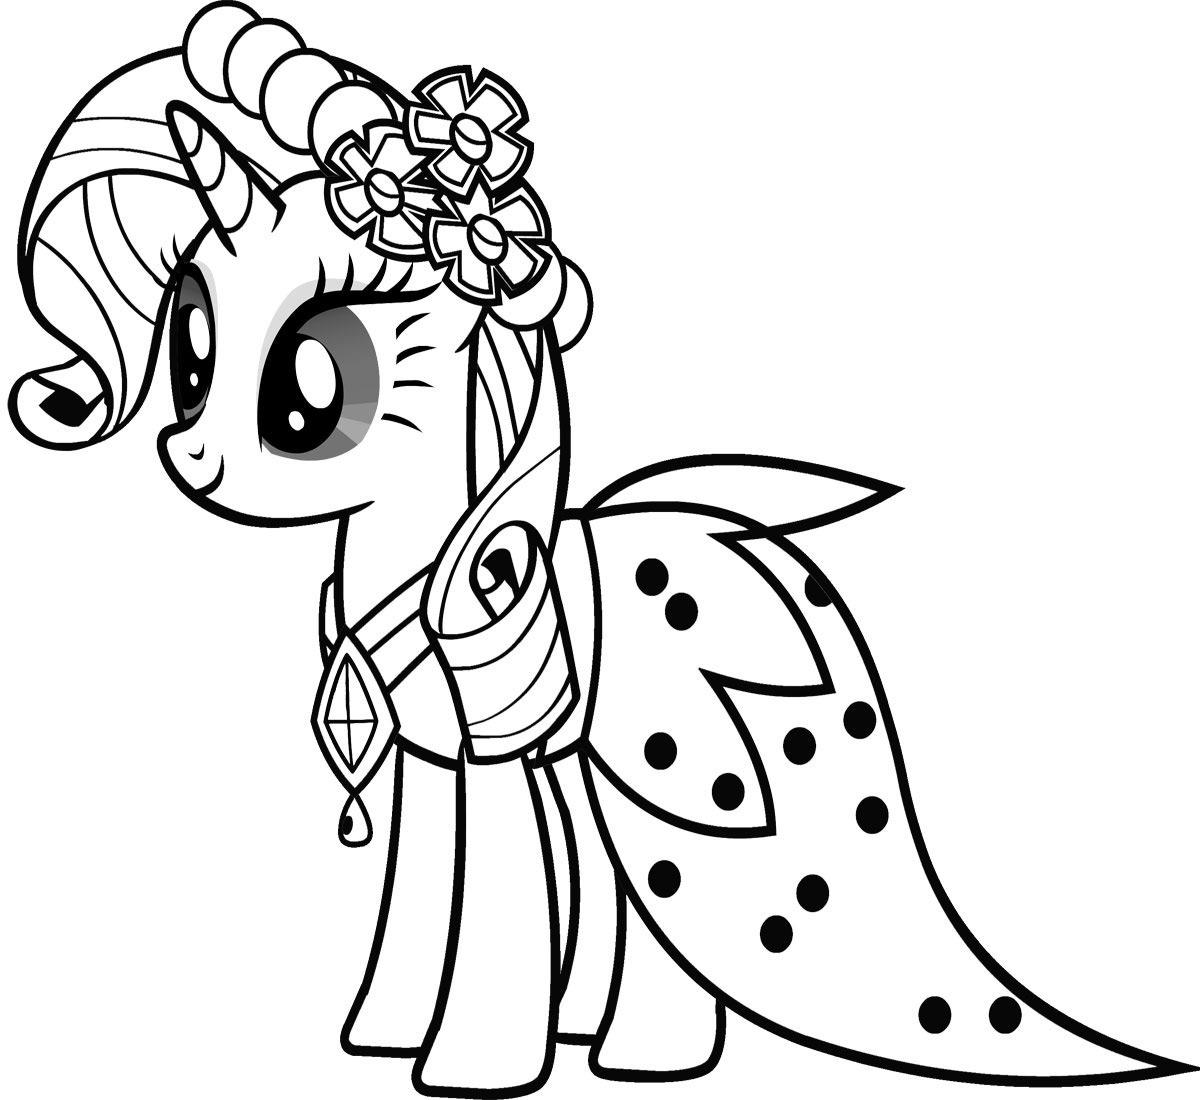 Tải tranh tô màu Pony siêu đáng yêu dành cho bé | Ngựa pony 87